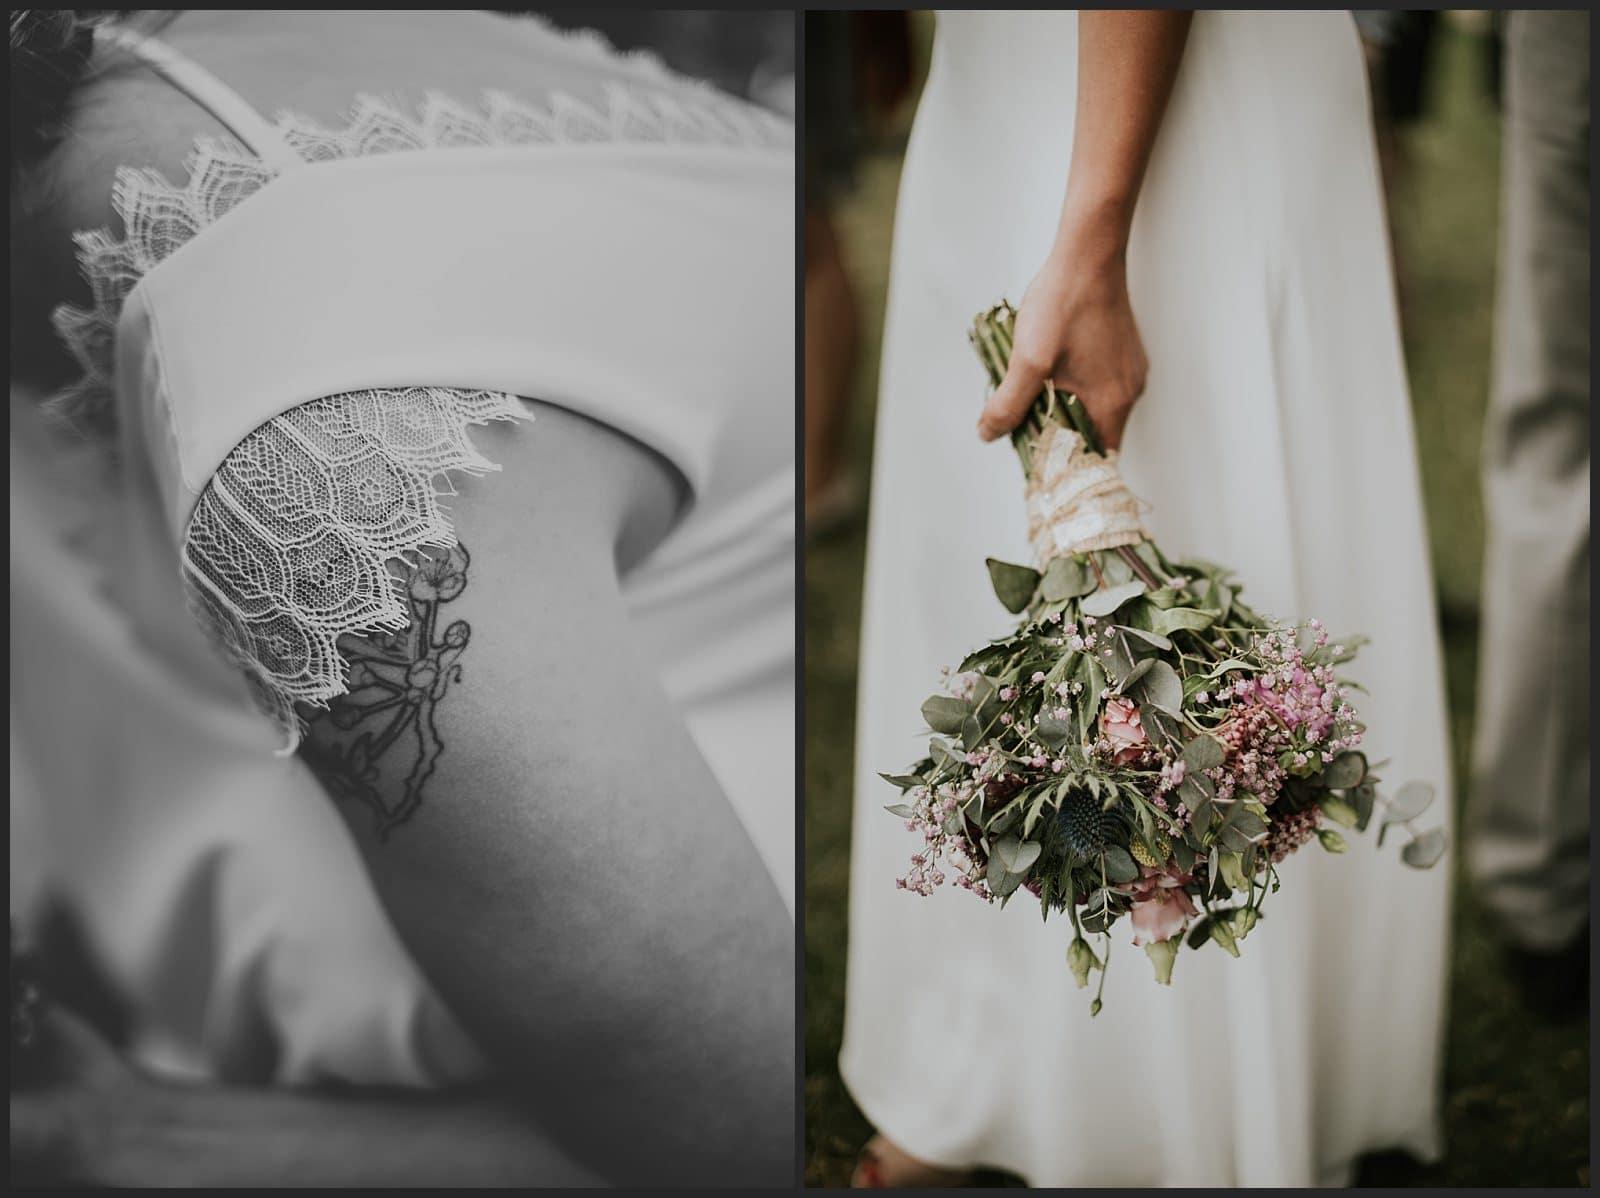 détails de la robe et du bouquet de la mariée